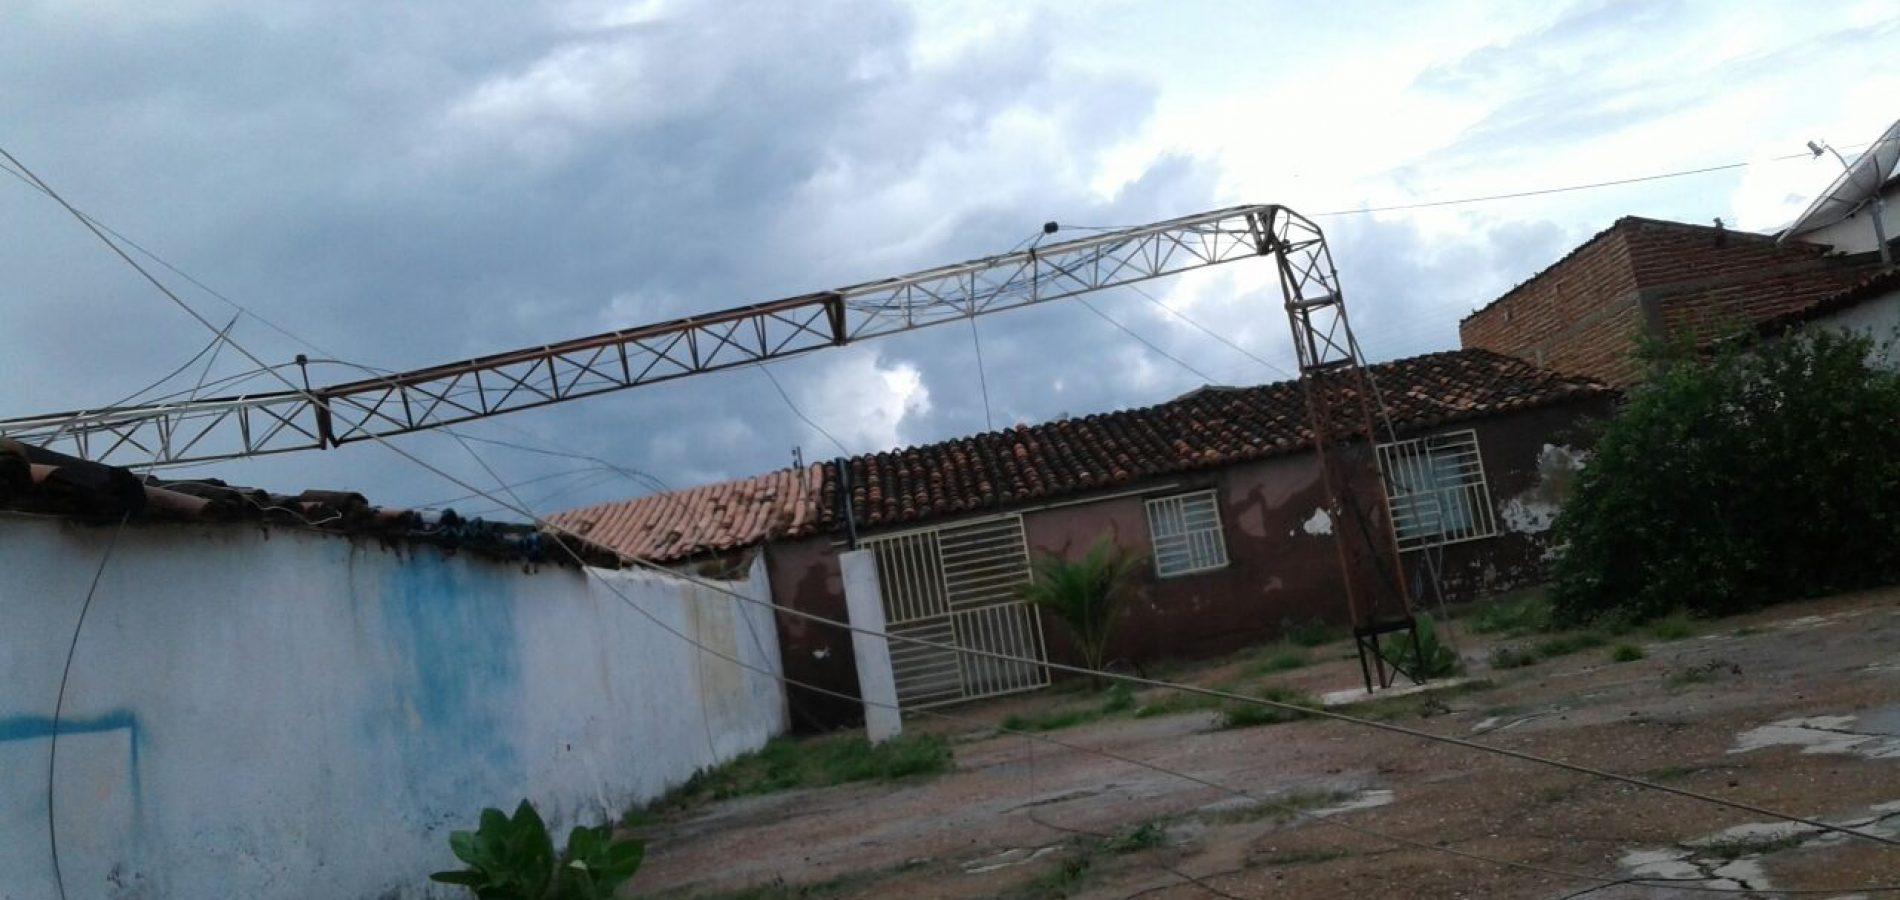 SÃO JULIÃO   Torre de internet cai após ventania e atinge quatro casas